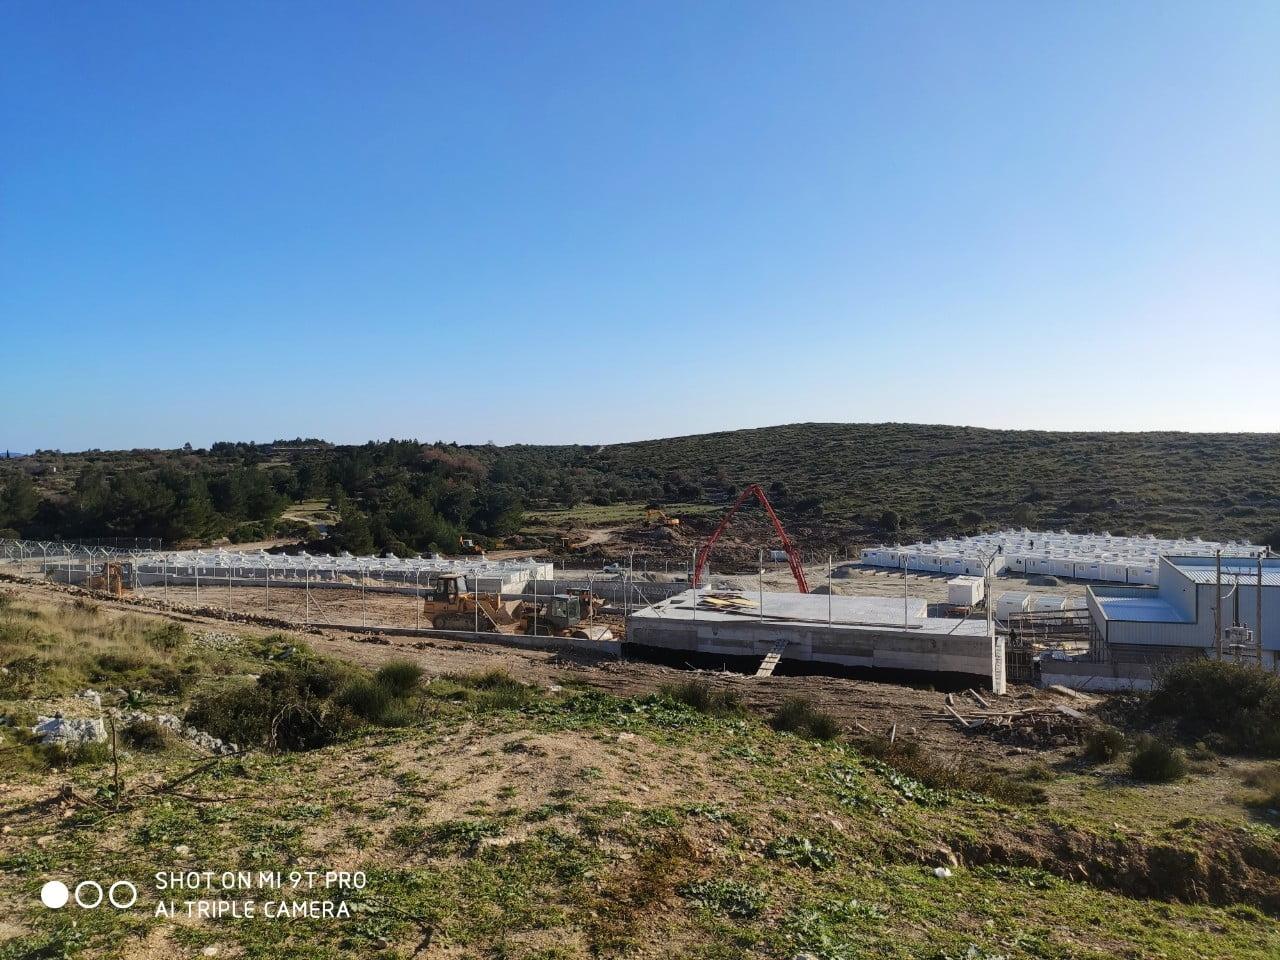 ΕΚΤΑΚΤΟ: Αποκλεισμός του χώρου επίταξης και της υπό κατασκευής υπερδομής στη περιοχή Ζερβού του Δήμου Αν. Σάμου